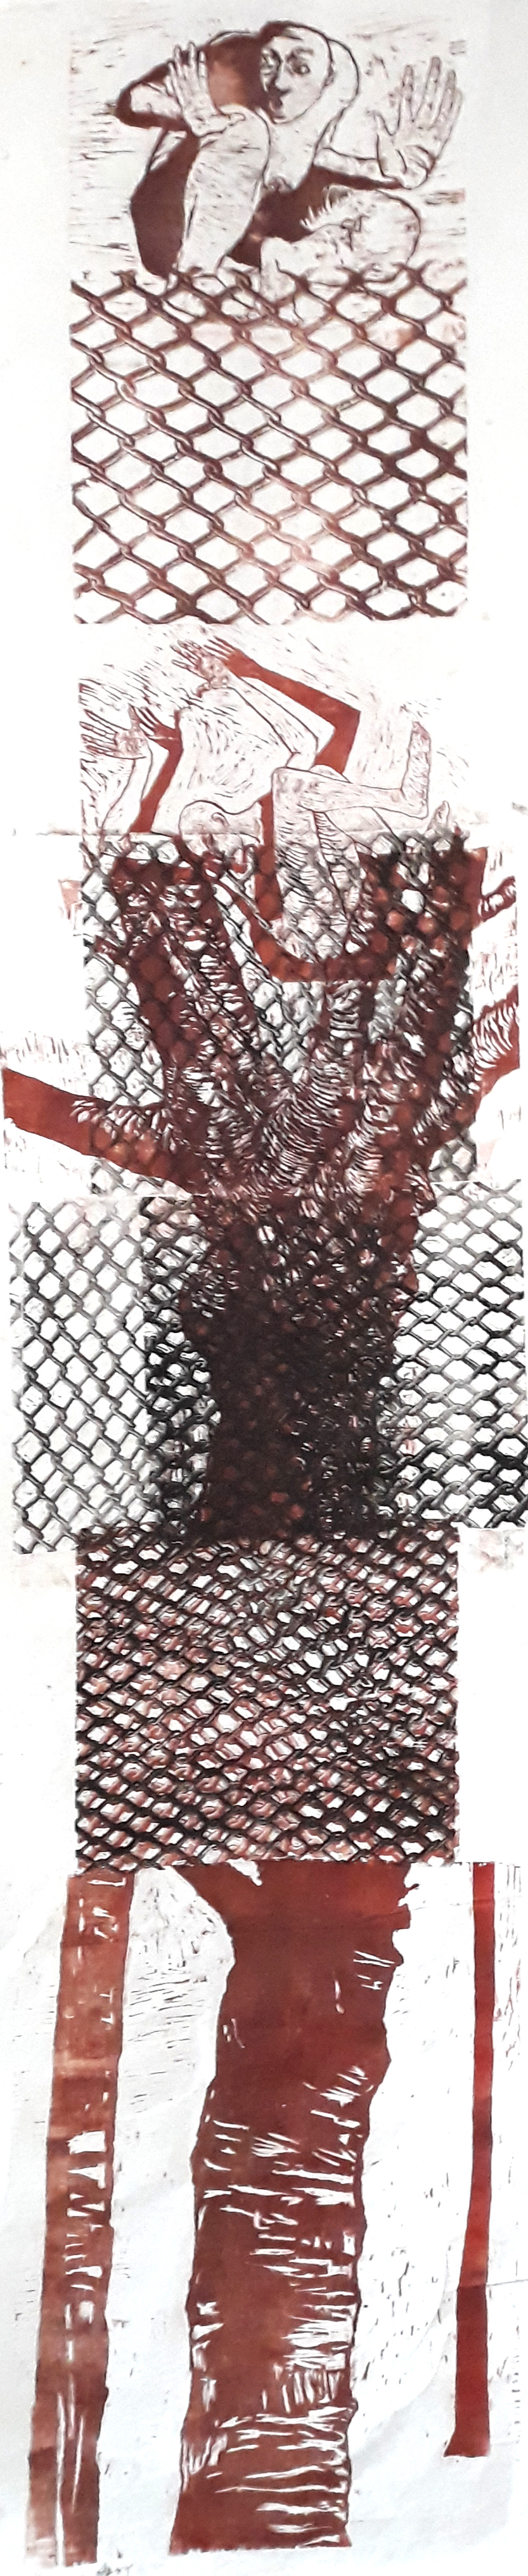 thanathos lithographie 93L05 32,5x13